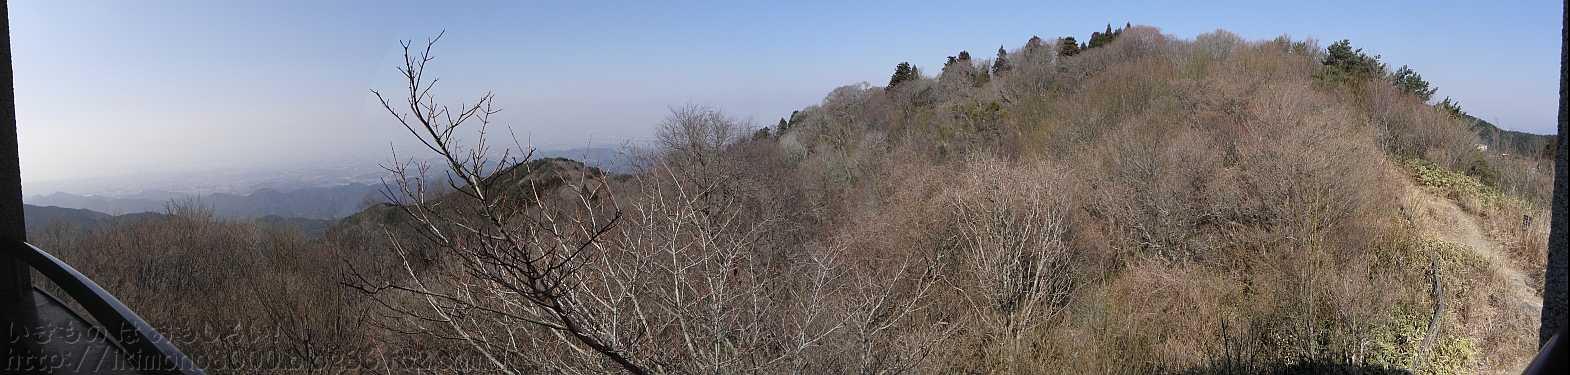 展望台から見た和泉葛城山のブナ林